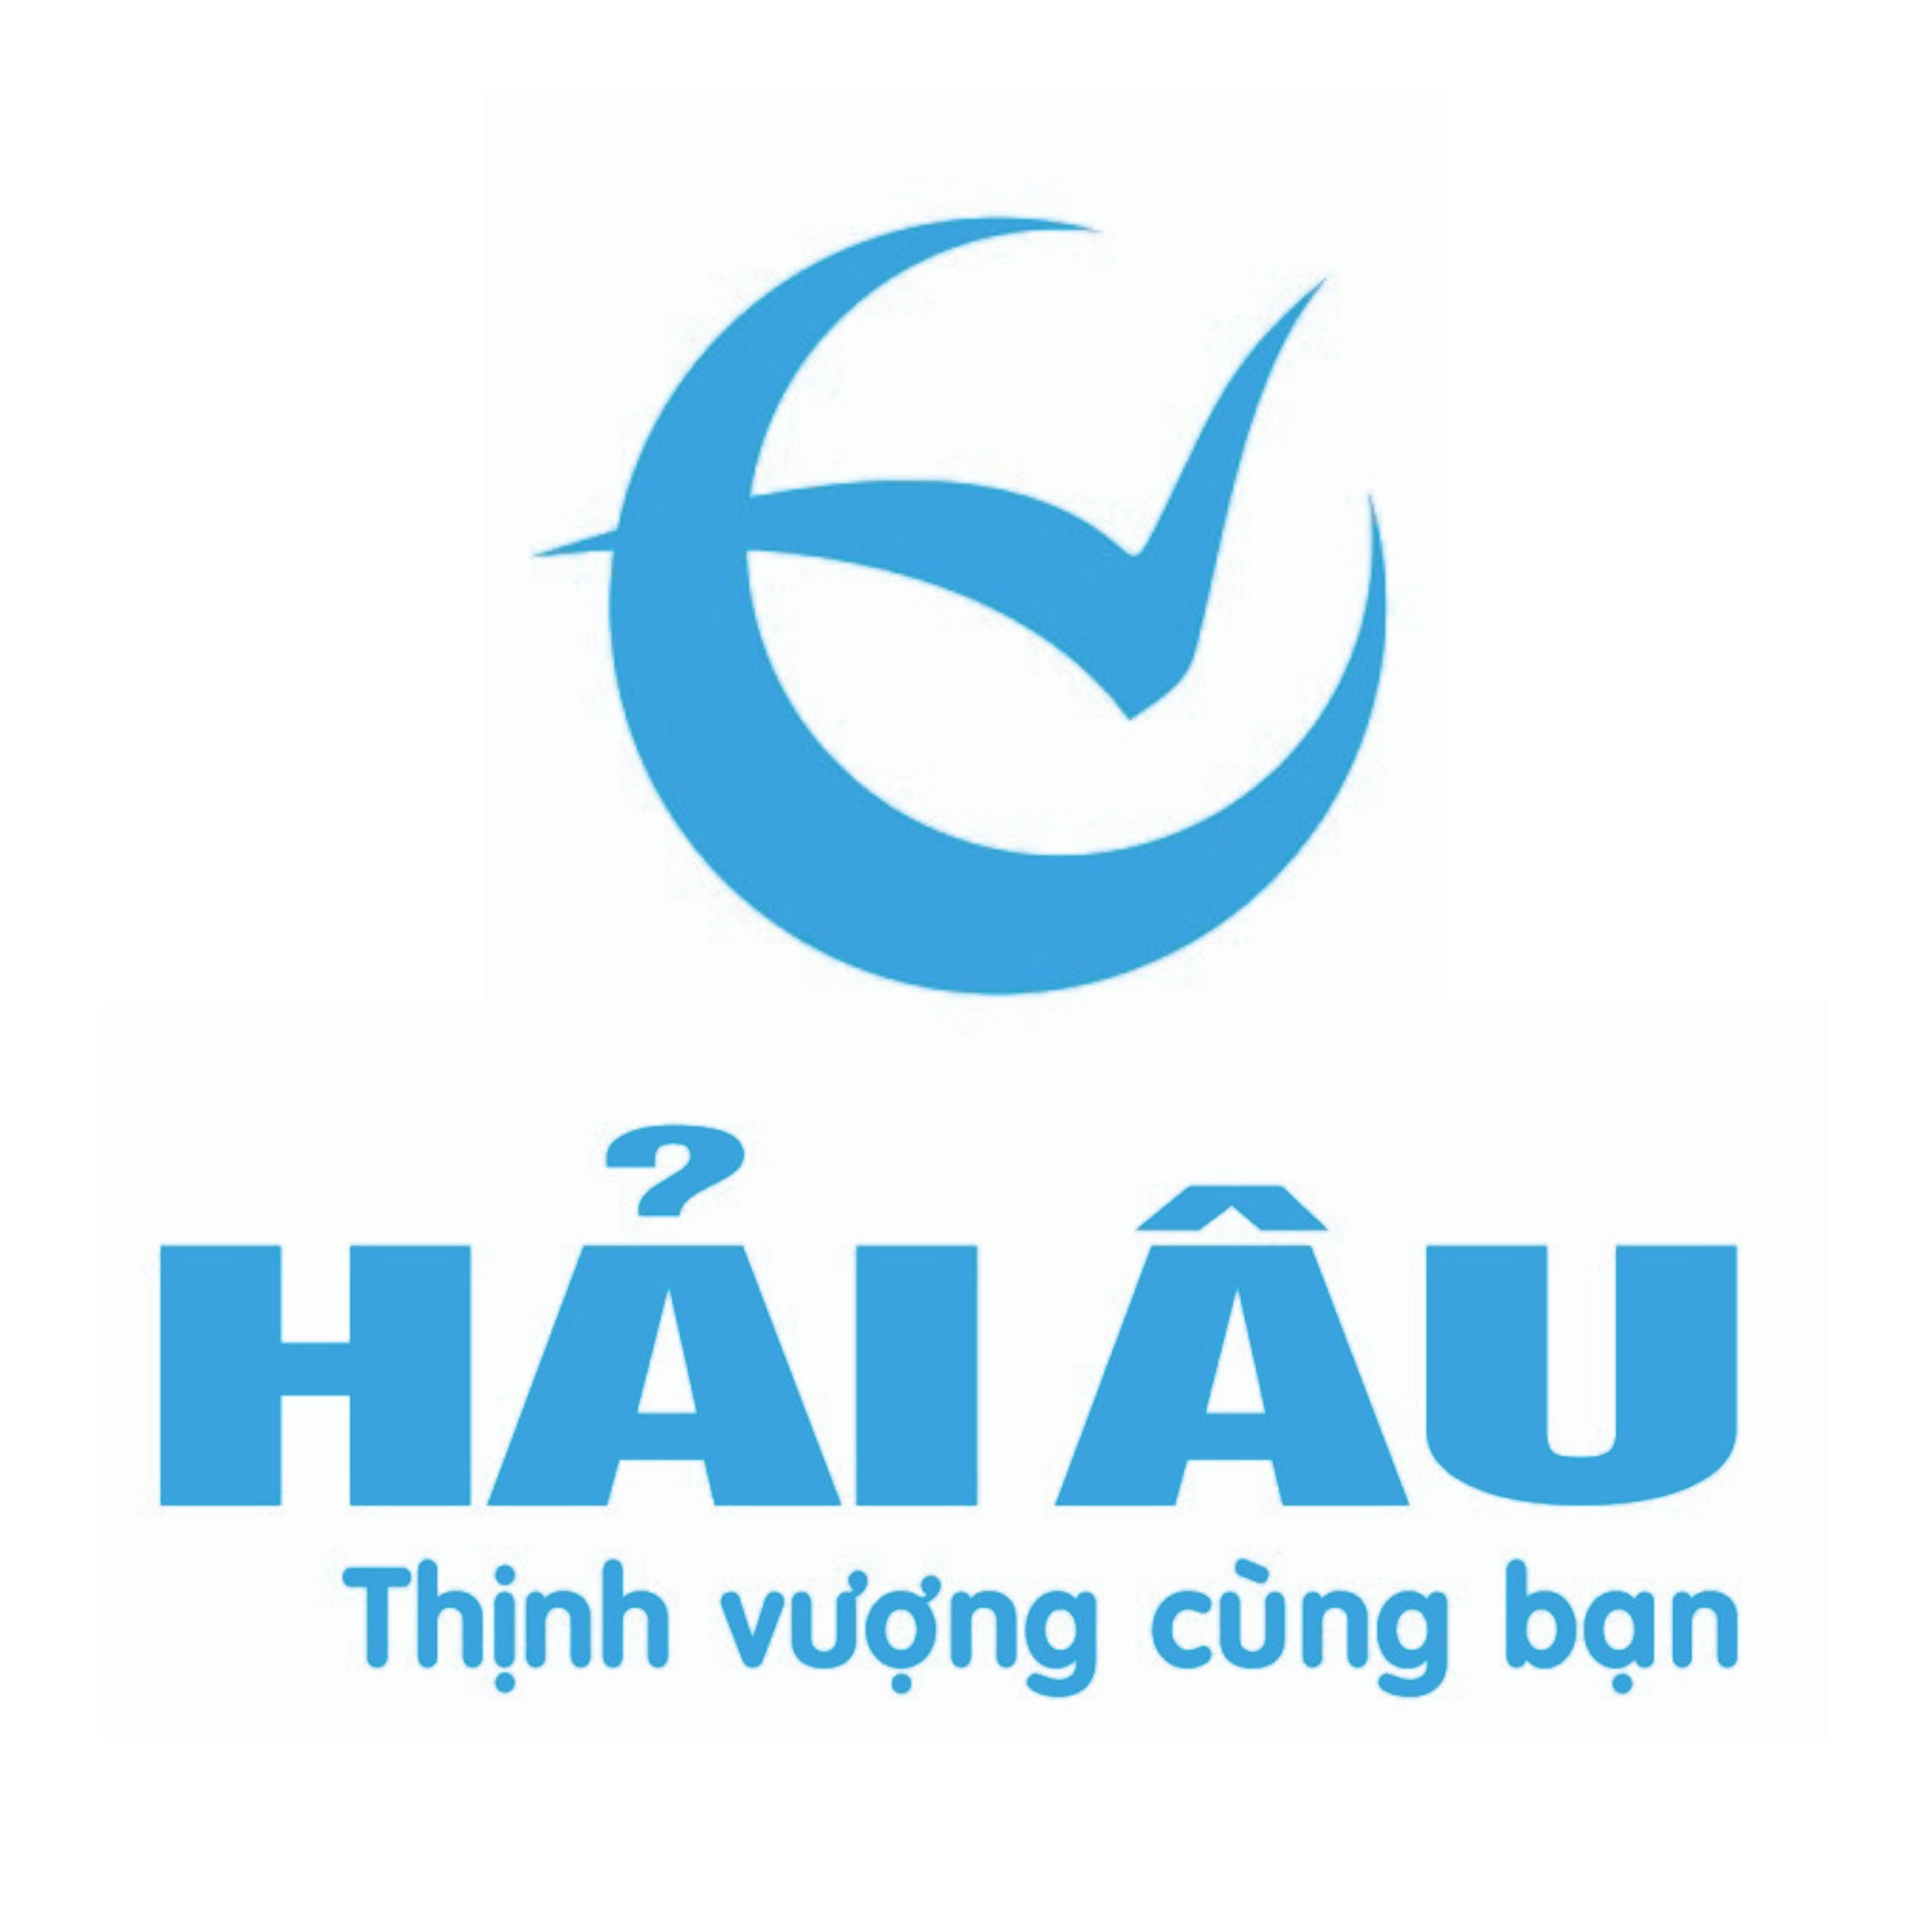 Công ty TNHH Thương Mại Tài Chính Hải Âu